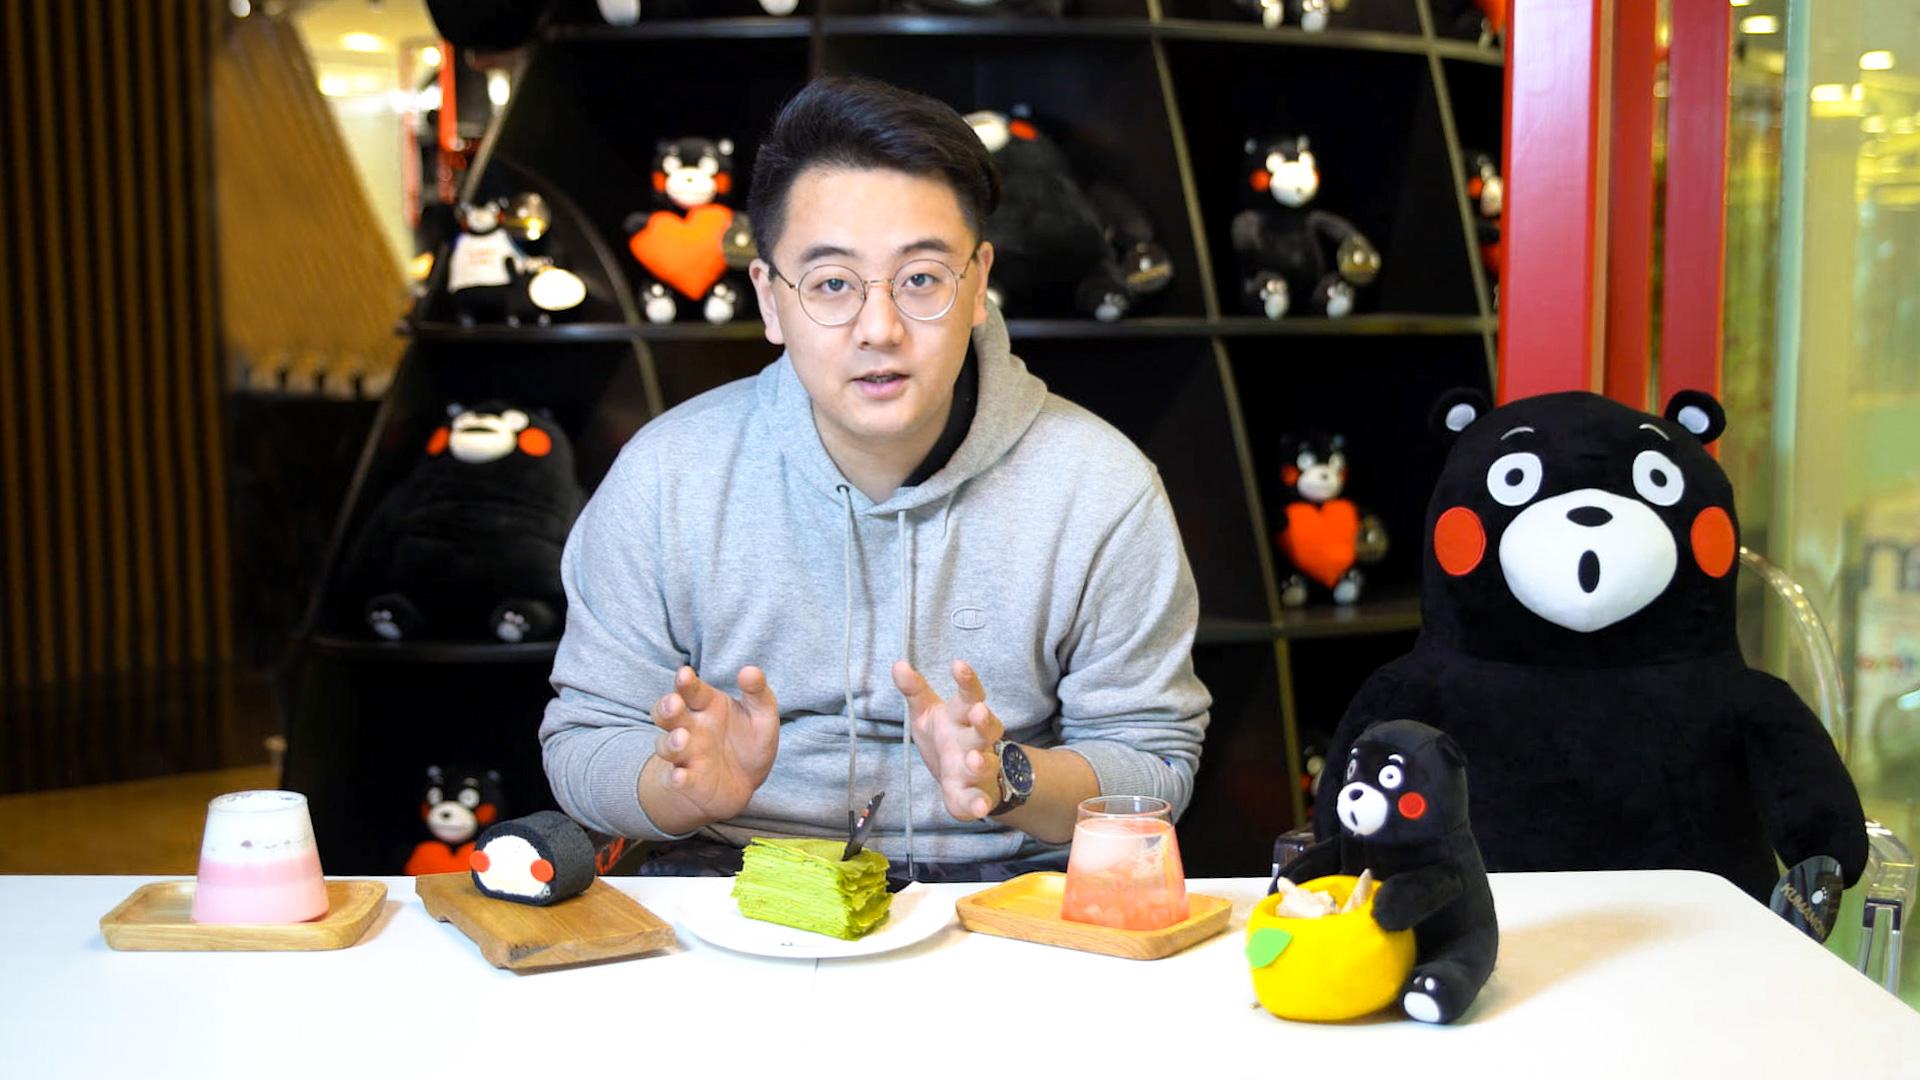 【魔力美食】探秘北京熊本熊正版咖啡店